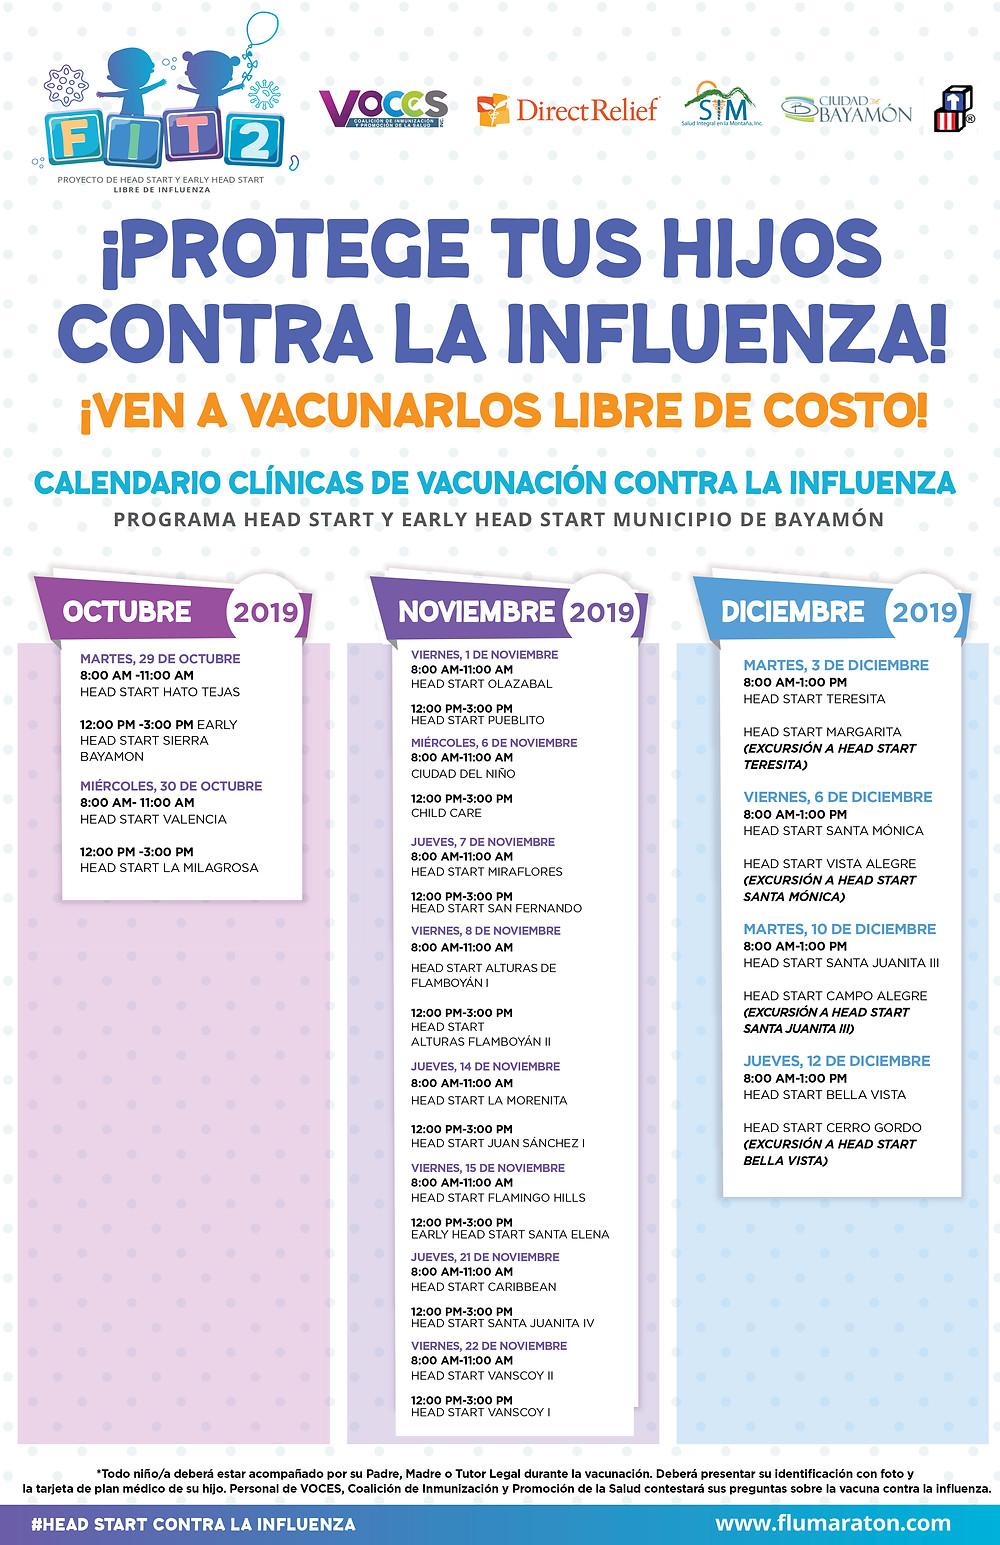 Calendario de Vacunación Libre de Costos Programa Head Start de Bayamón